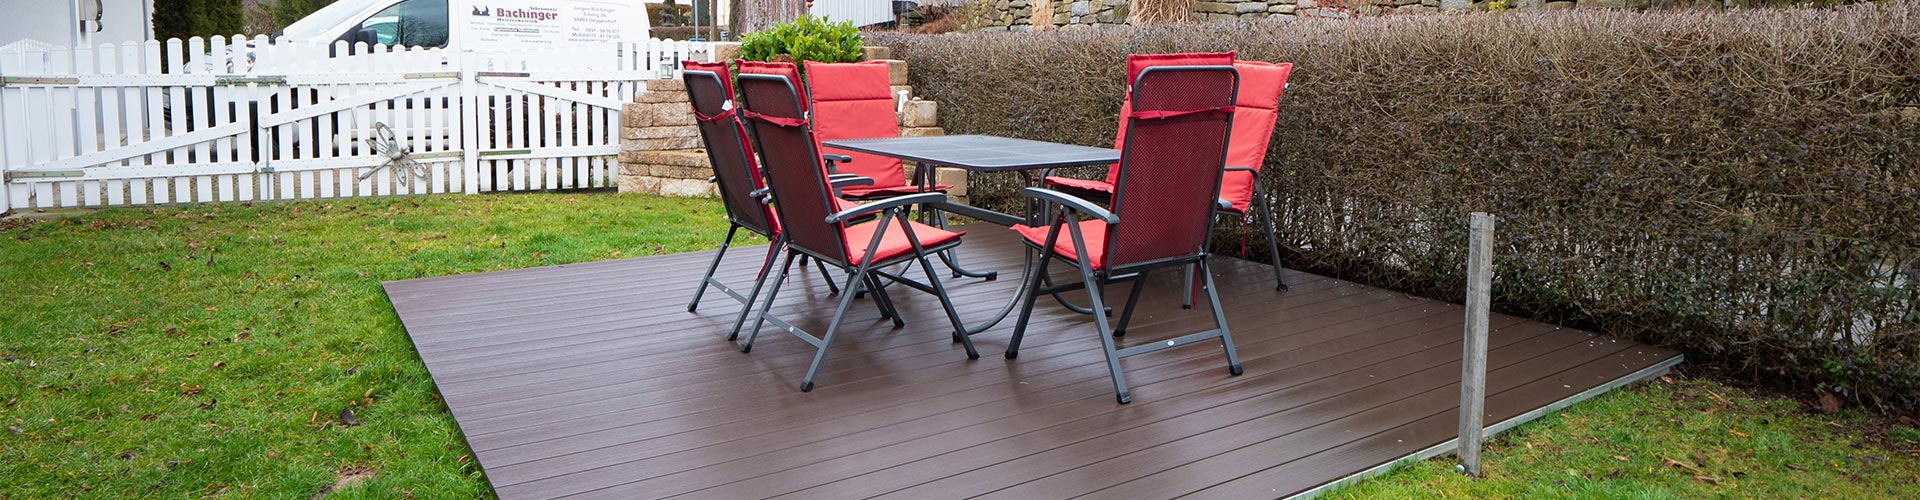 Terrasse mit Holzboden von Schreinerei Bachinger